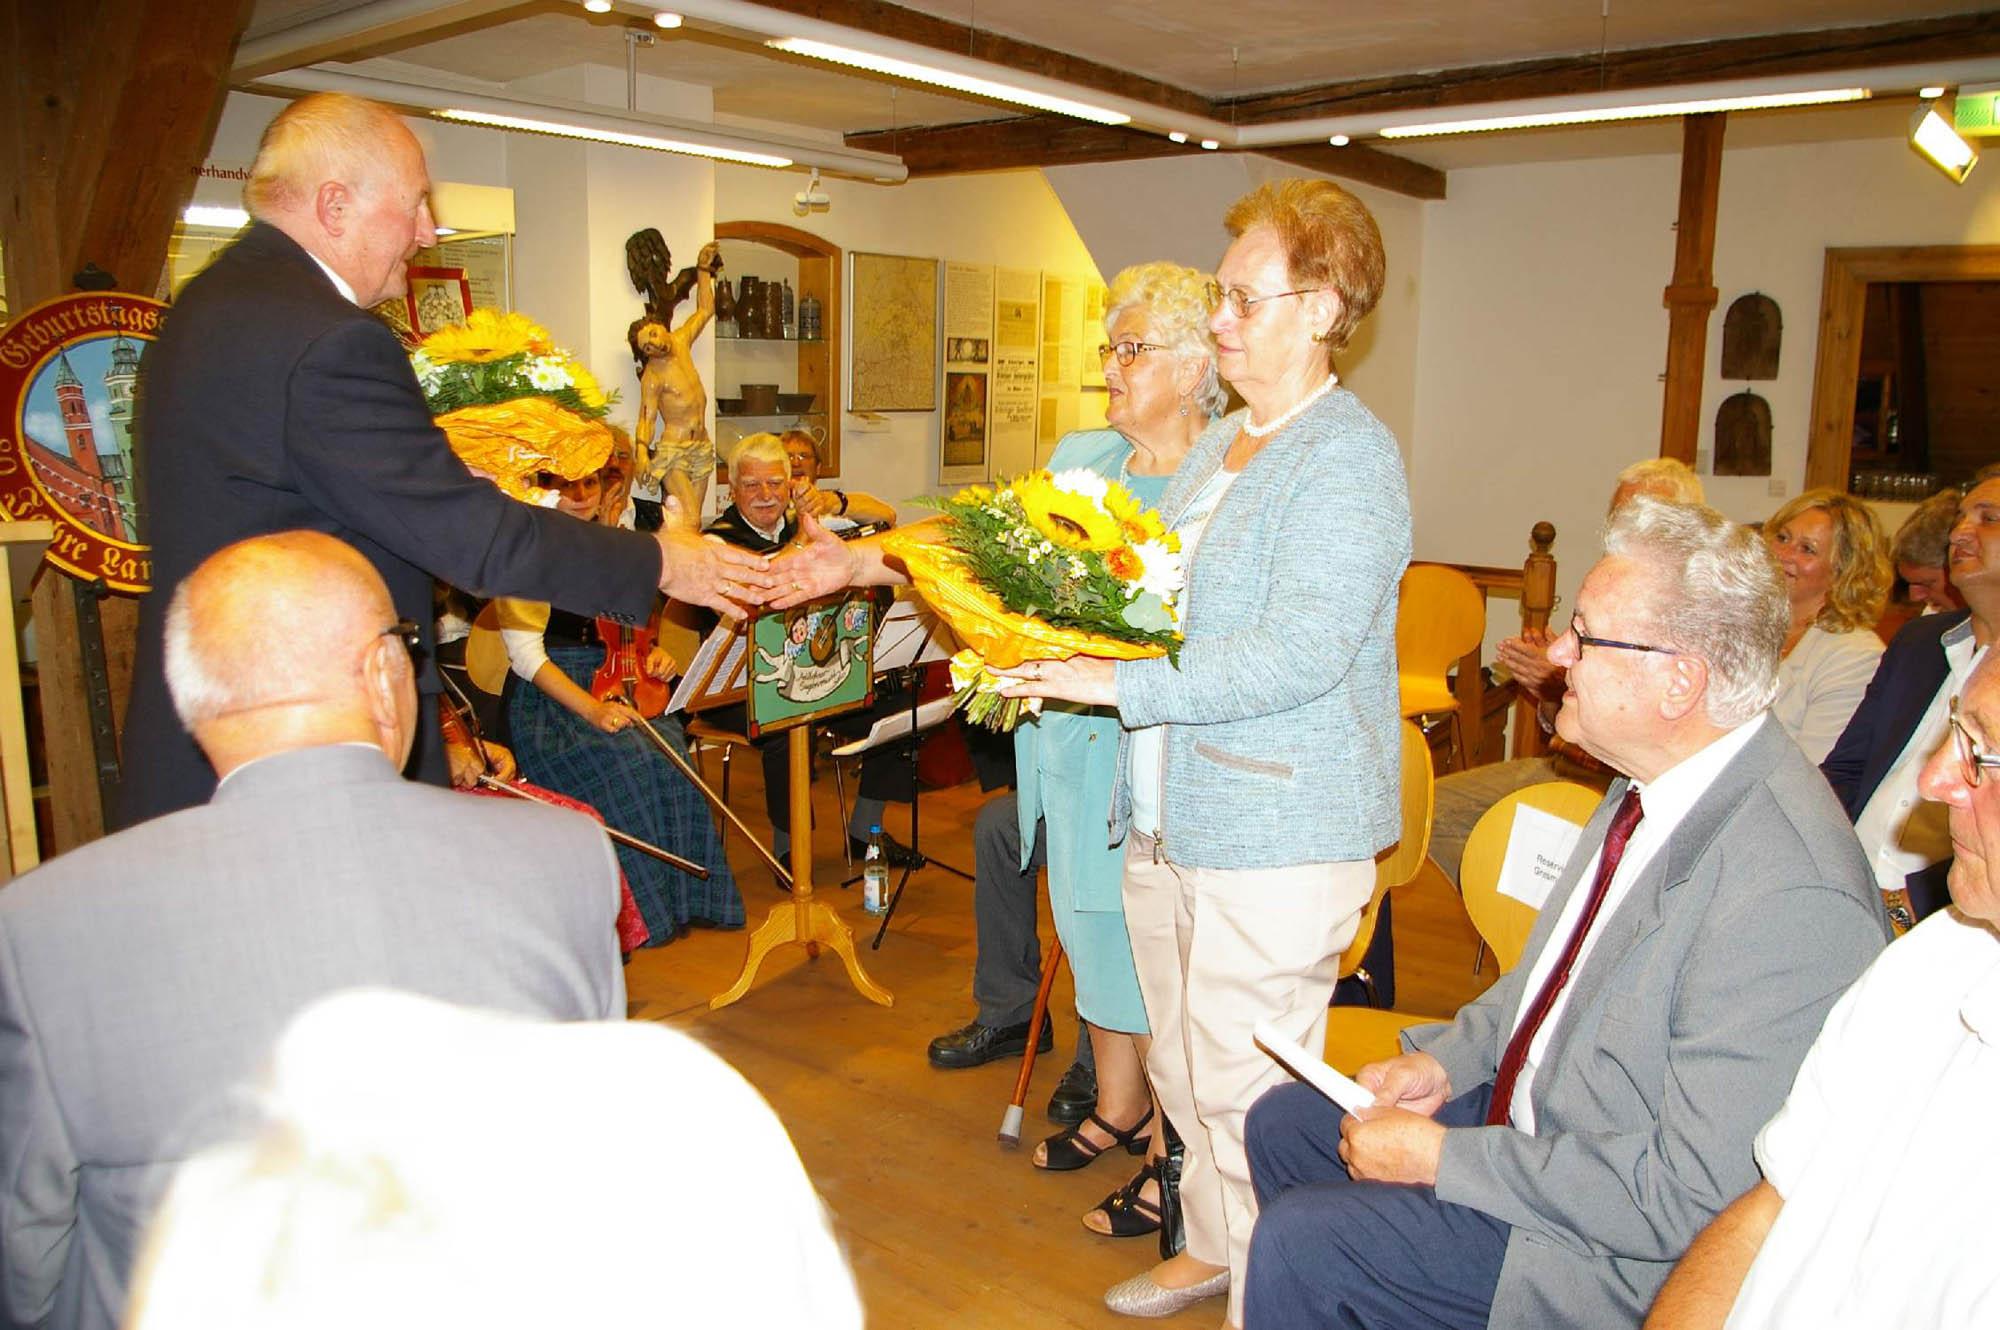 Die Unterstützung von Elfriede Grasmann (vorne) und Erika Knaus in all den Jahren wird vom Heimatverein mit Blumen gewürdigt.